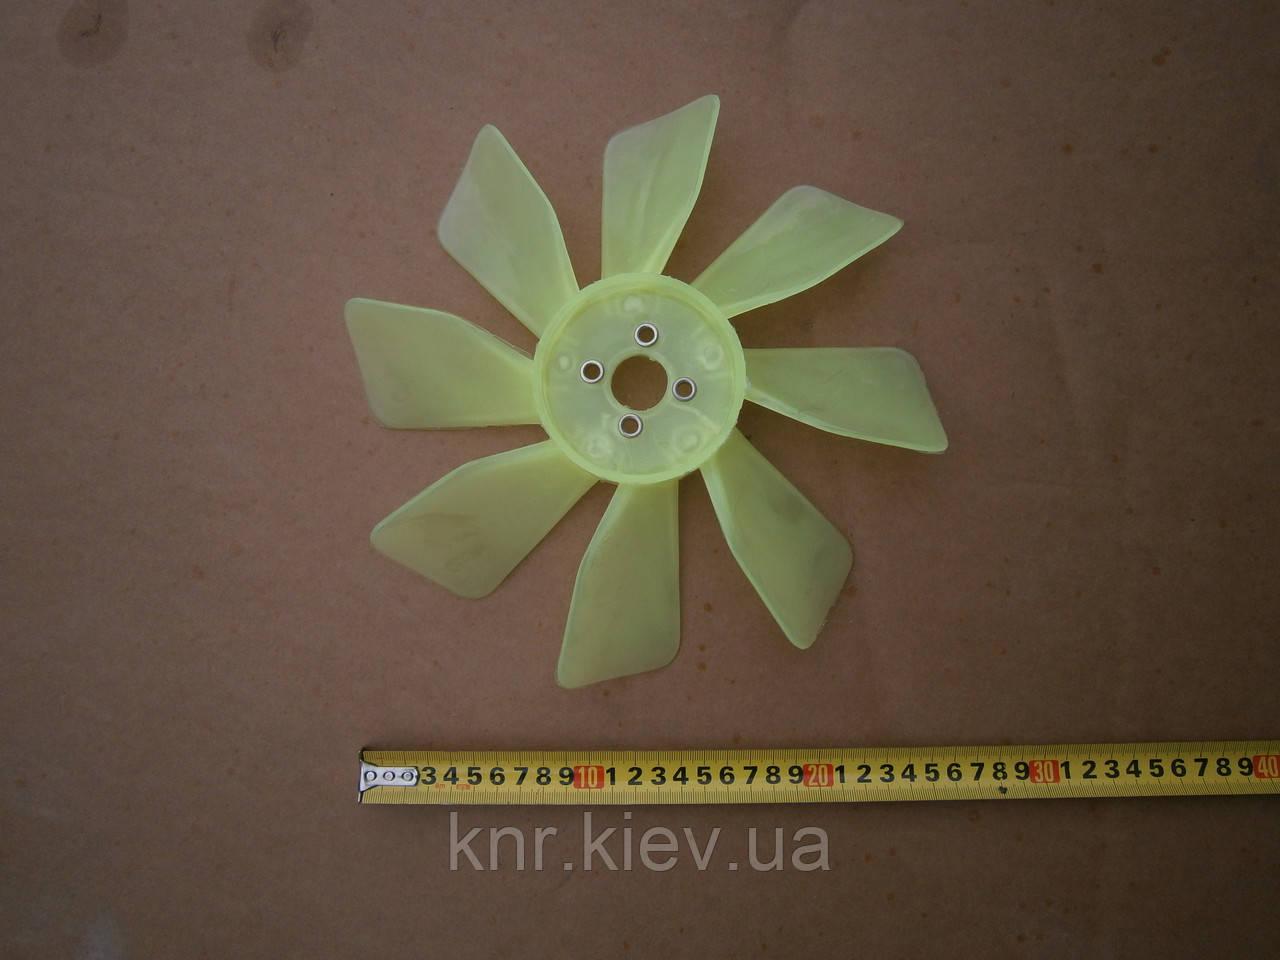 Вентилятор FAW-1011